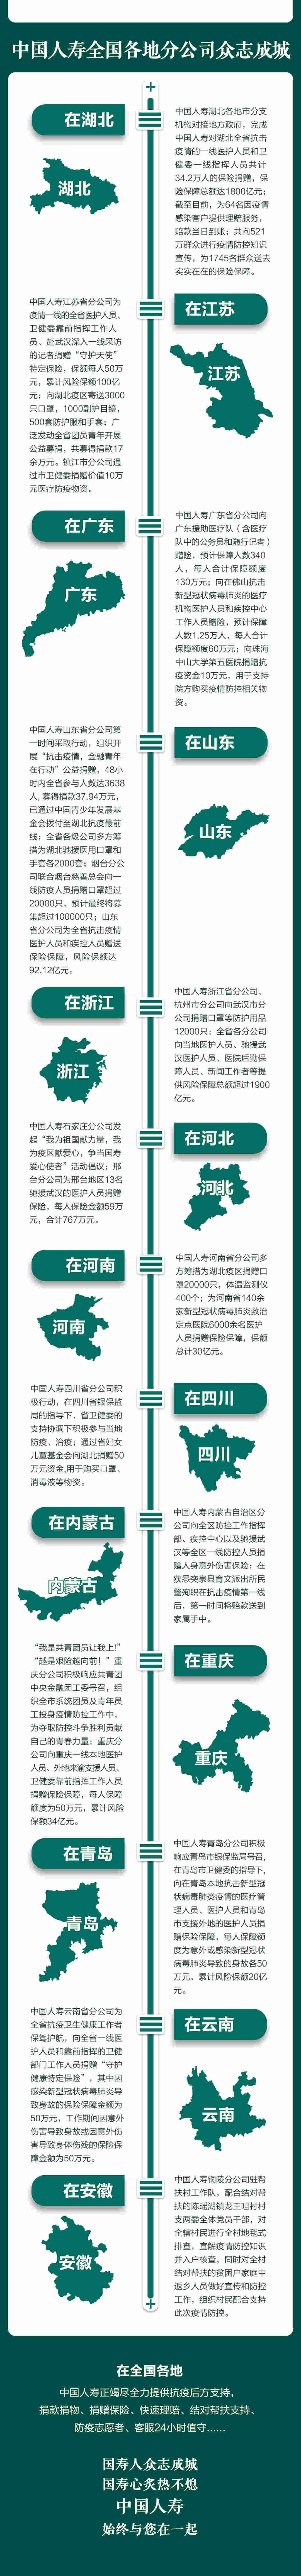 众志成城抗击疫情,中国人寿在行动